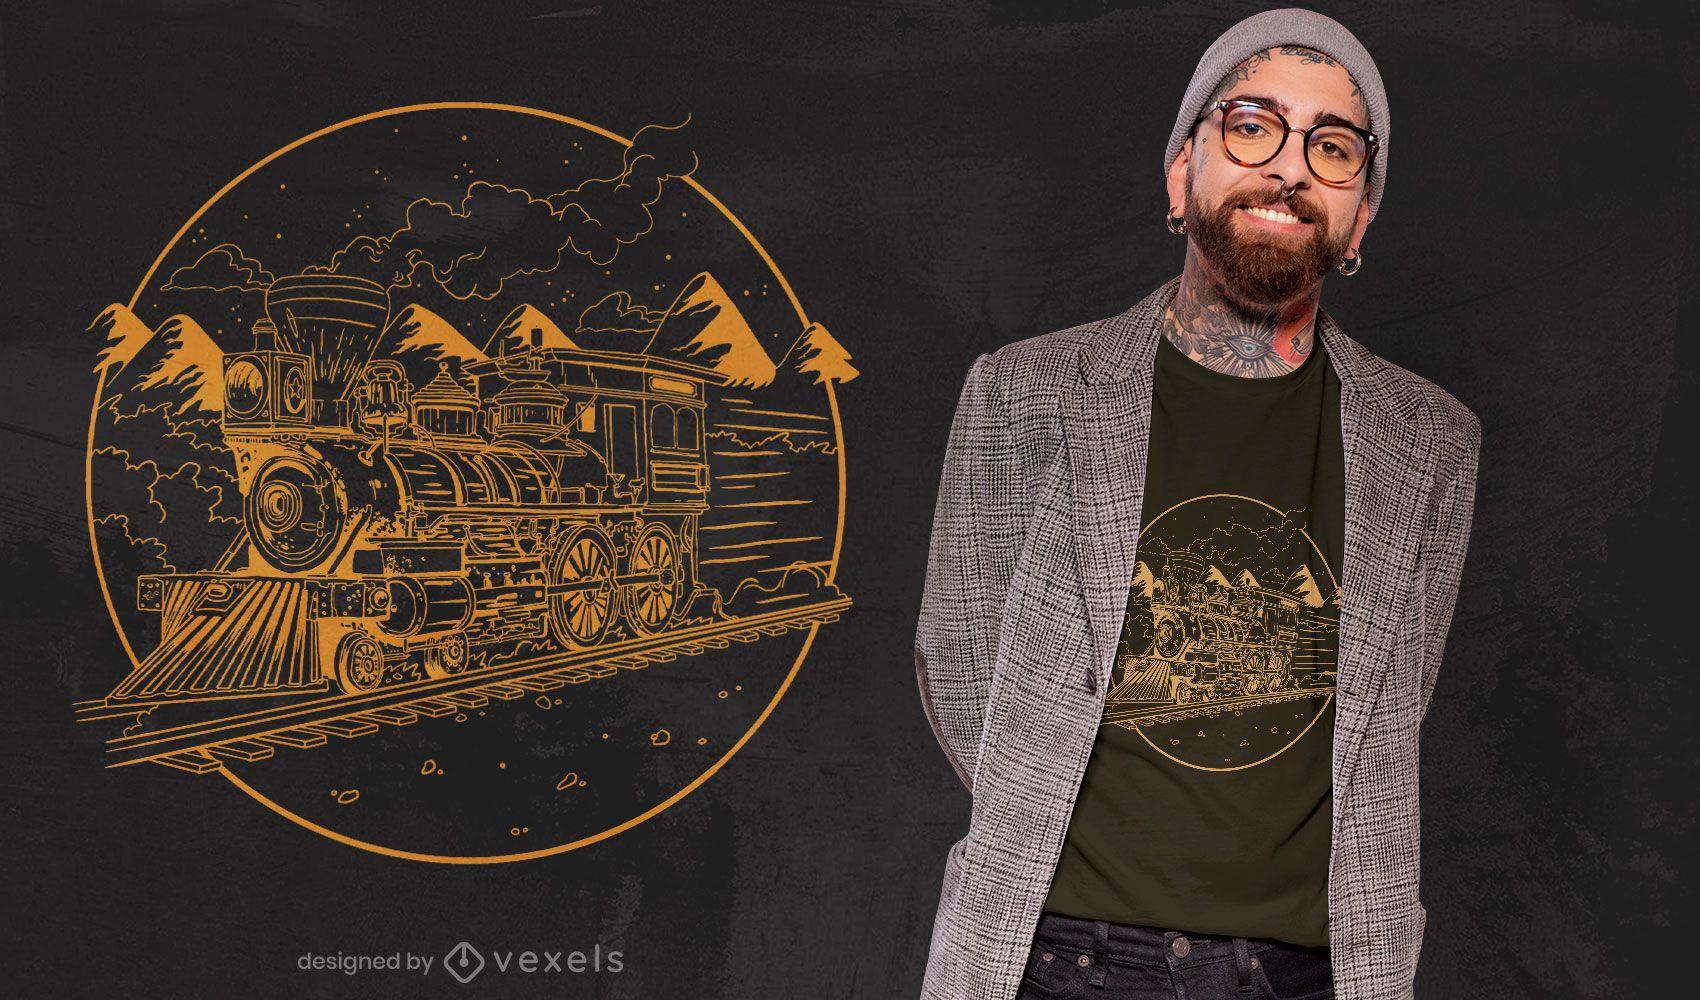 Diseño de camiseta dibujada a mano de tren de vapor.